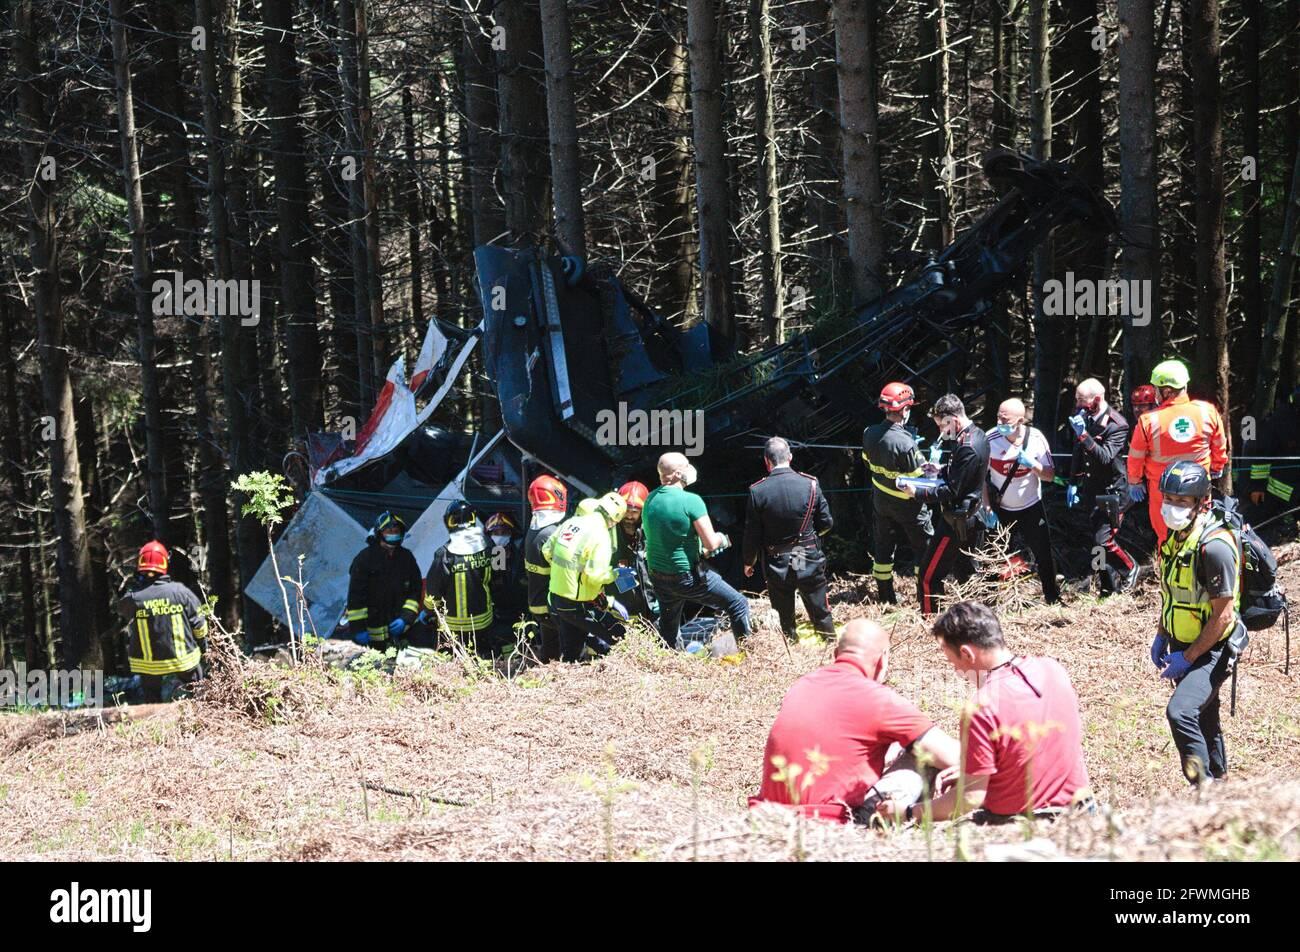 Die ersten Zwischenfälle, die sich auf der Seilbahn Stresa-Mottarone im Piemont ereignet haben. Vierzehn Menschen starben. Lago Maggiore, Italien Stockfoto